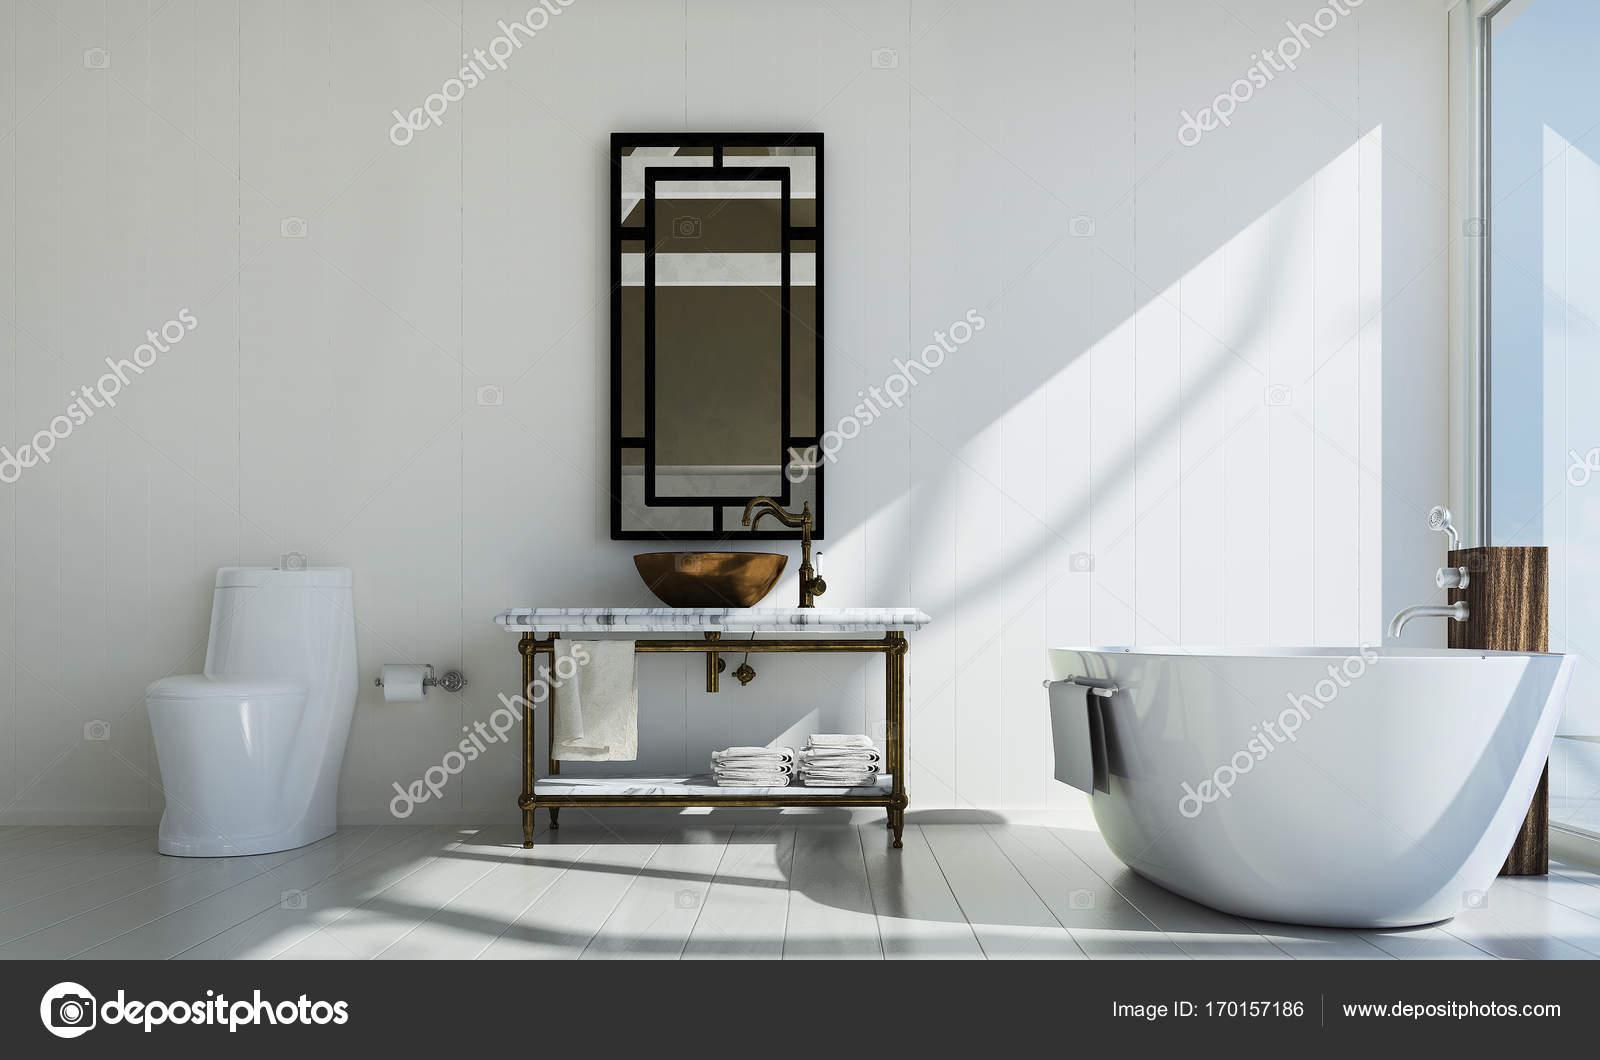 Badkamer Beton Interieur : De luxe badkamer interieur en beton muur achtergrond textuur en